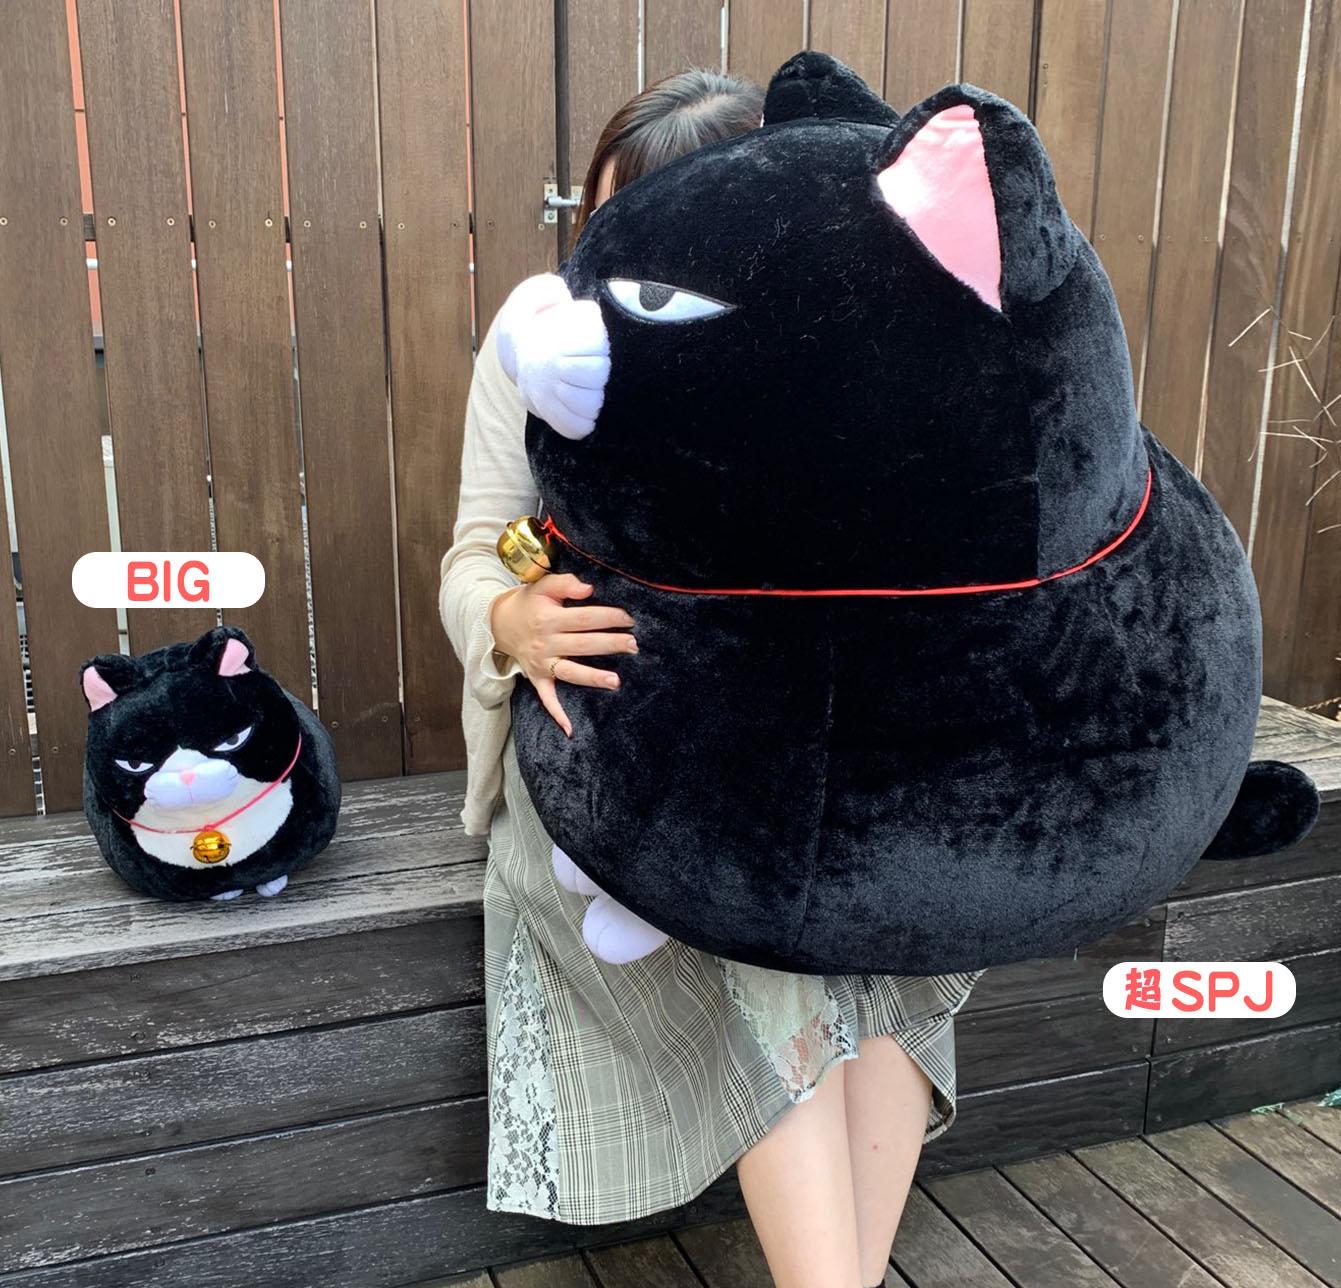 ひげまんじゅう 黒豆超スーパージャンボ(1体)【超特大 ぬいぐるみ】